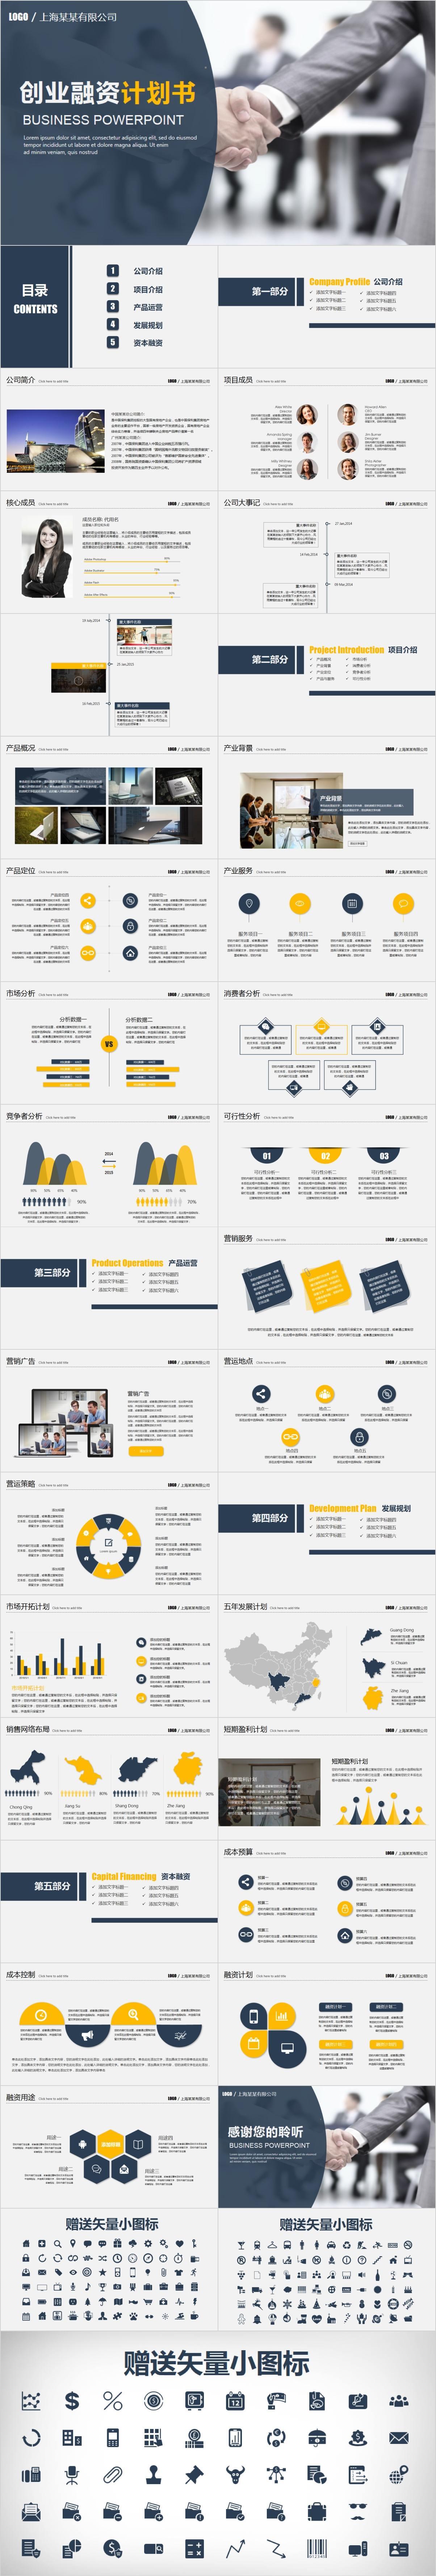 VC0013 创业公司融资PPT模板